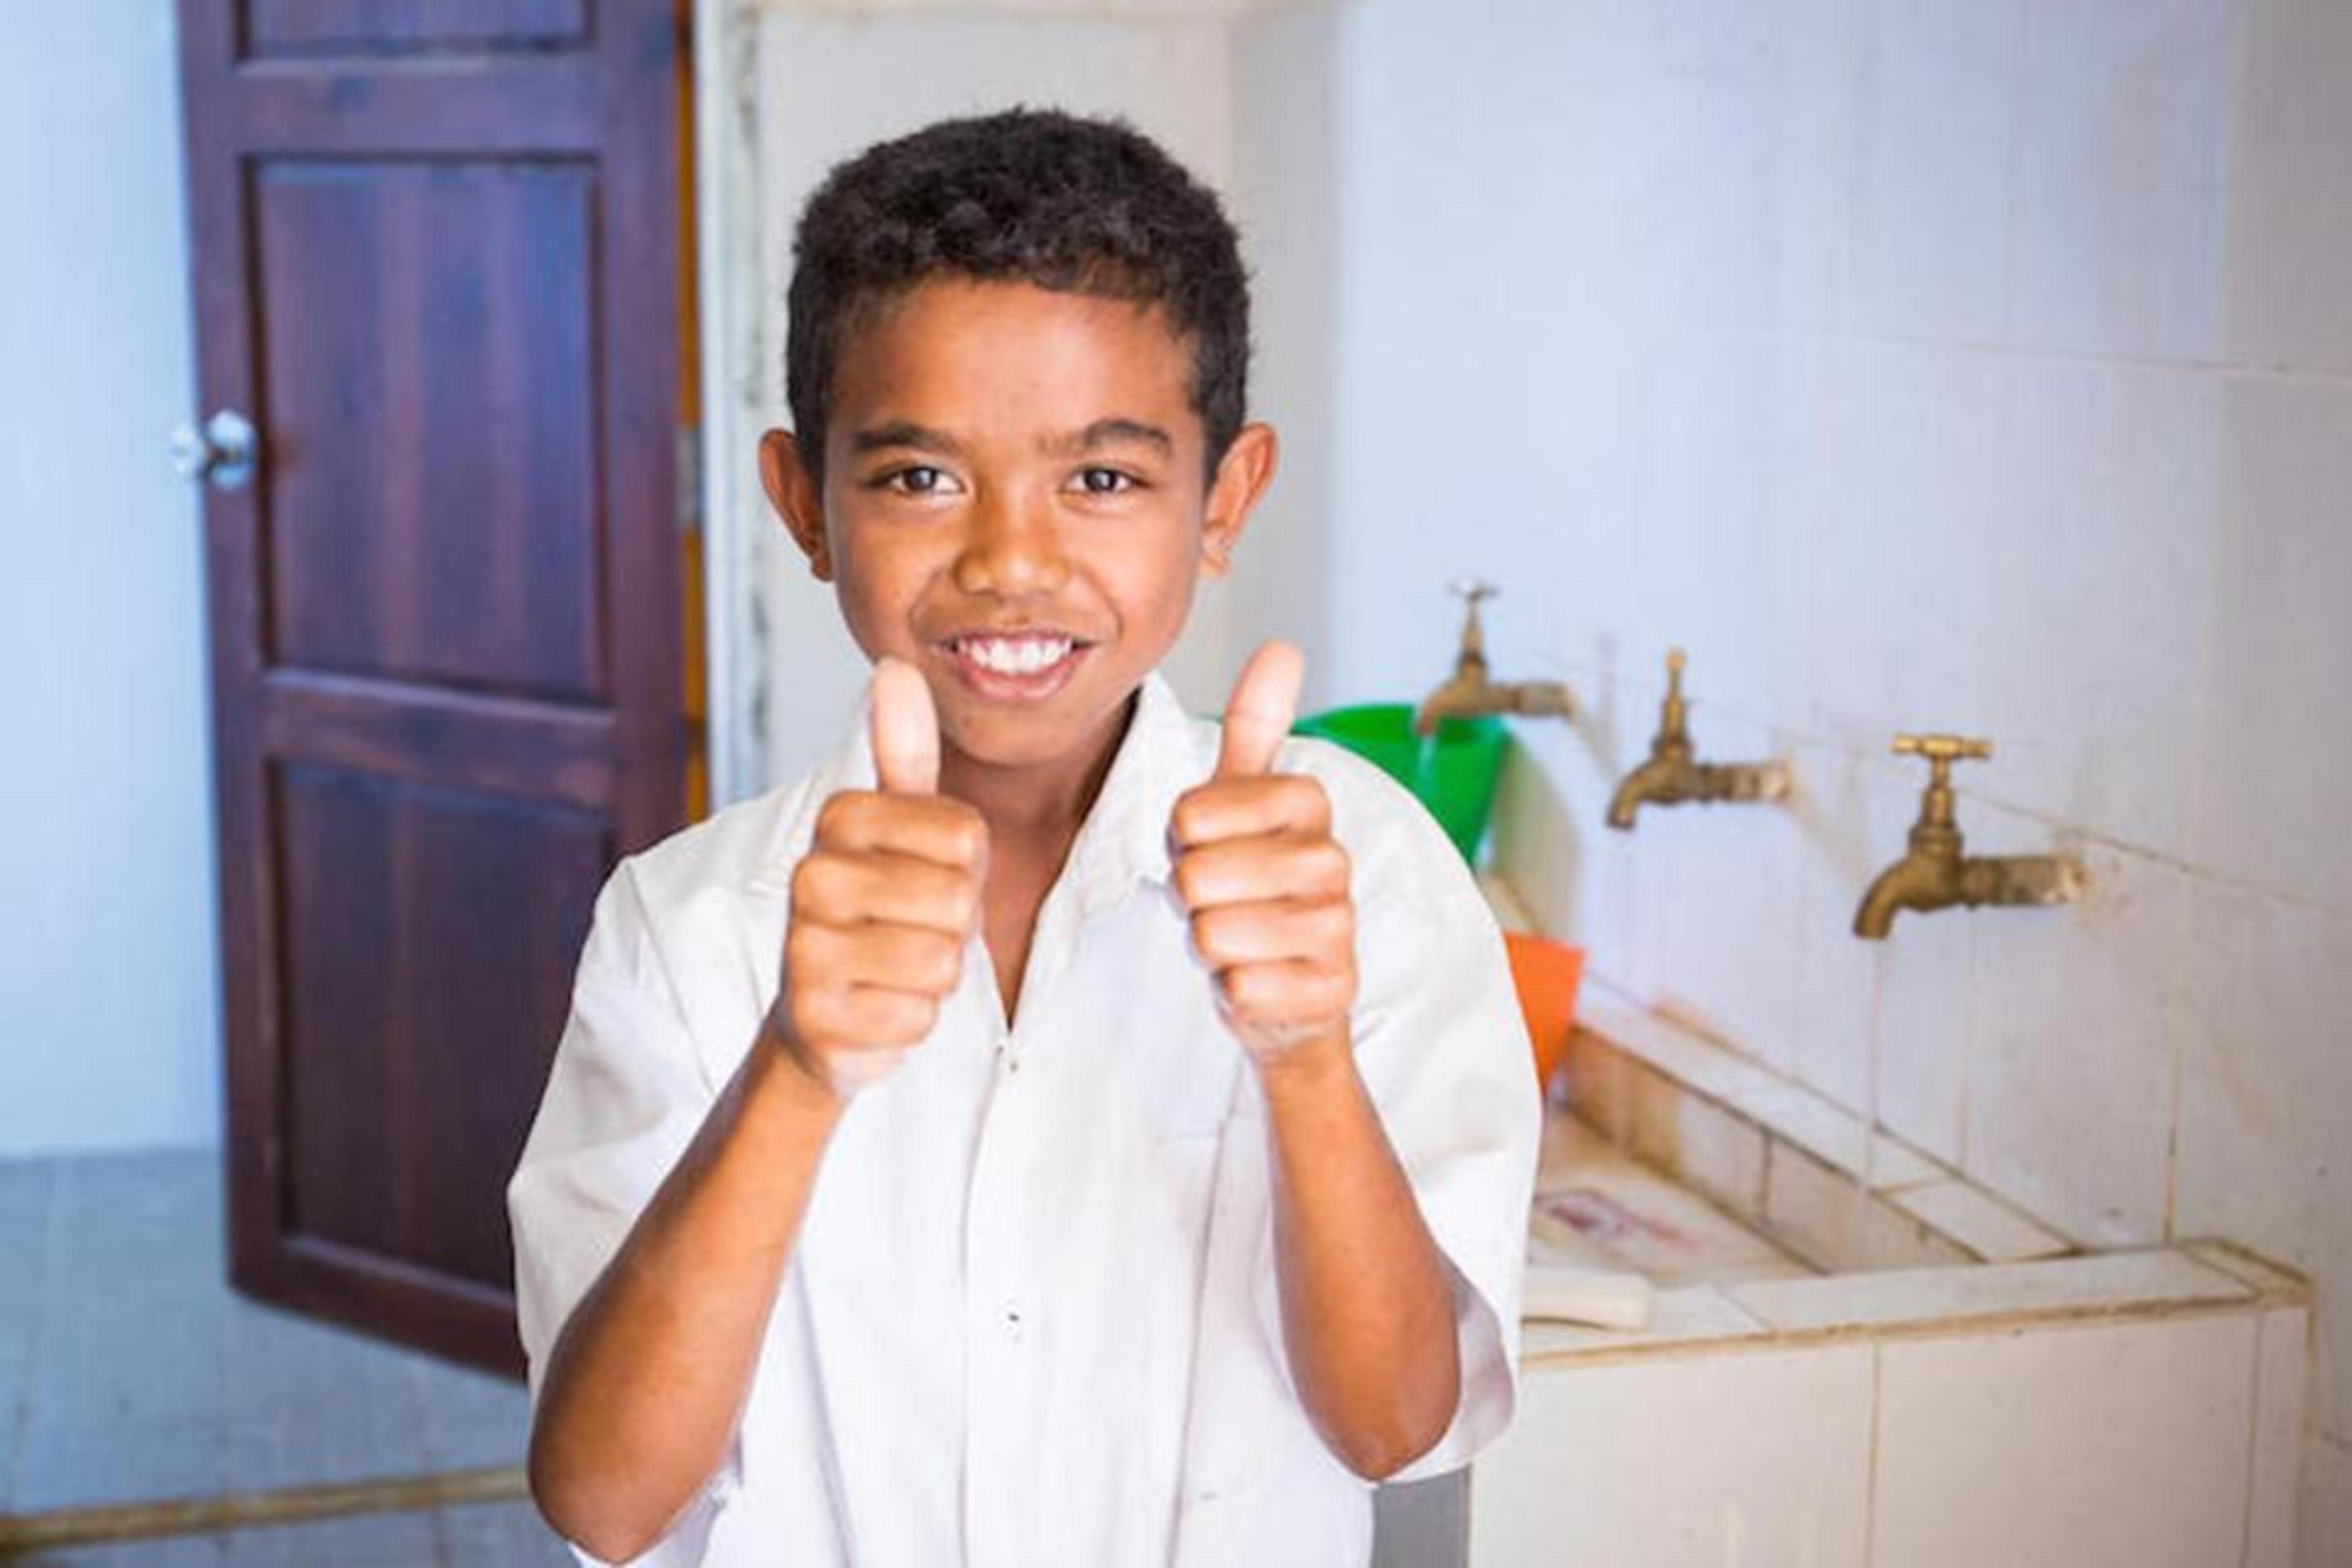 Timor-Leste hand washing